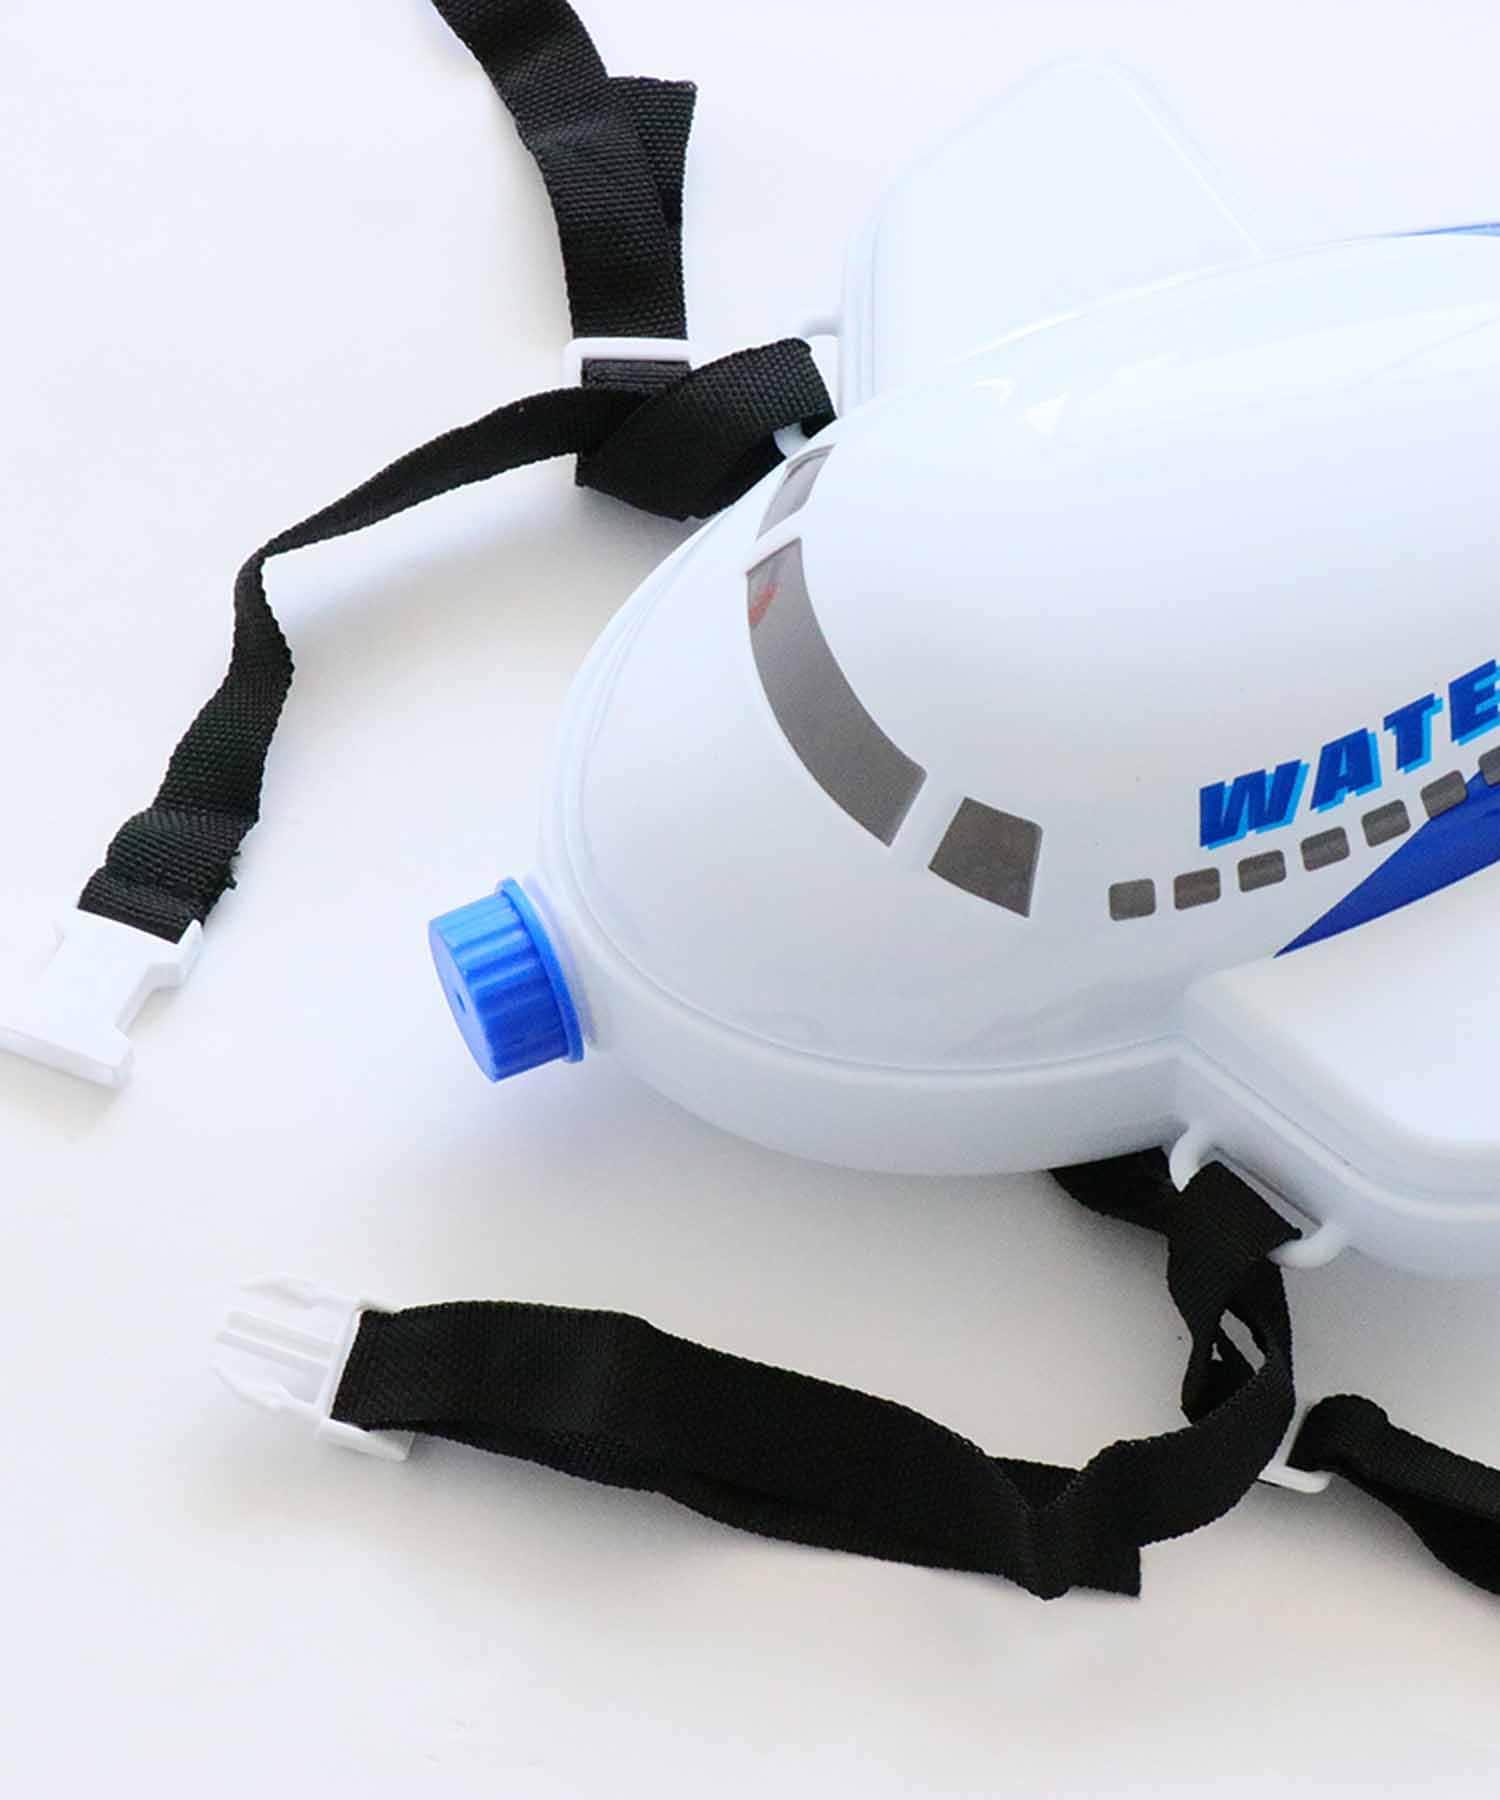 3COINS(スリーコインズ) 【おそとを楽しむ夏物アイテム】リュック型水鉄砲